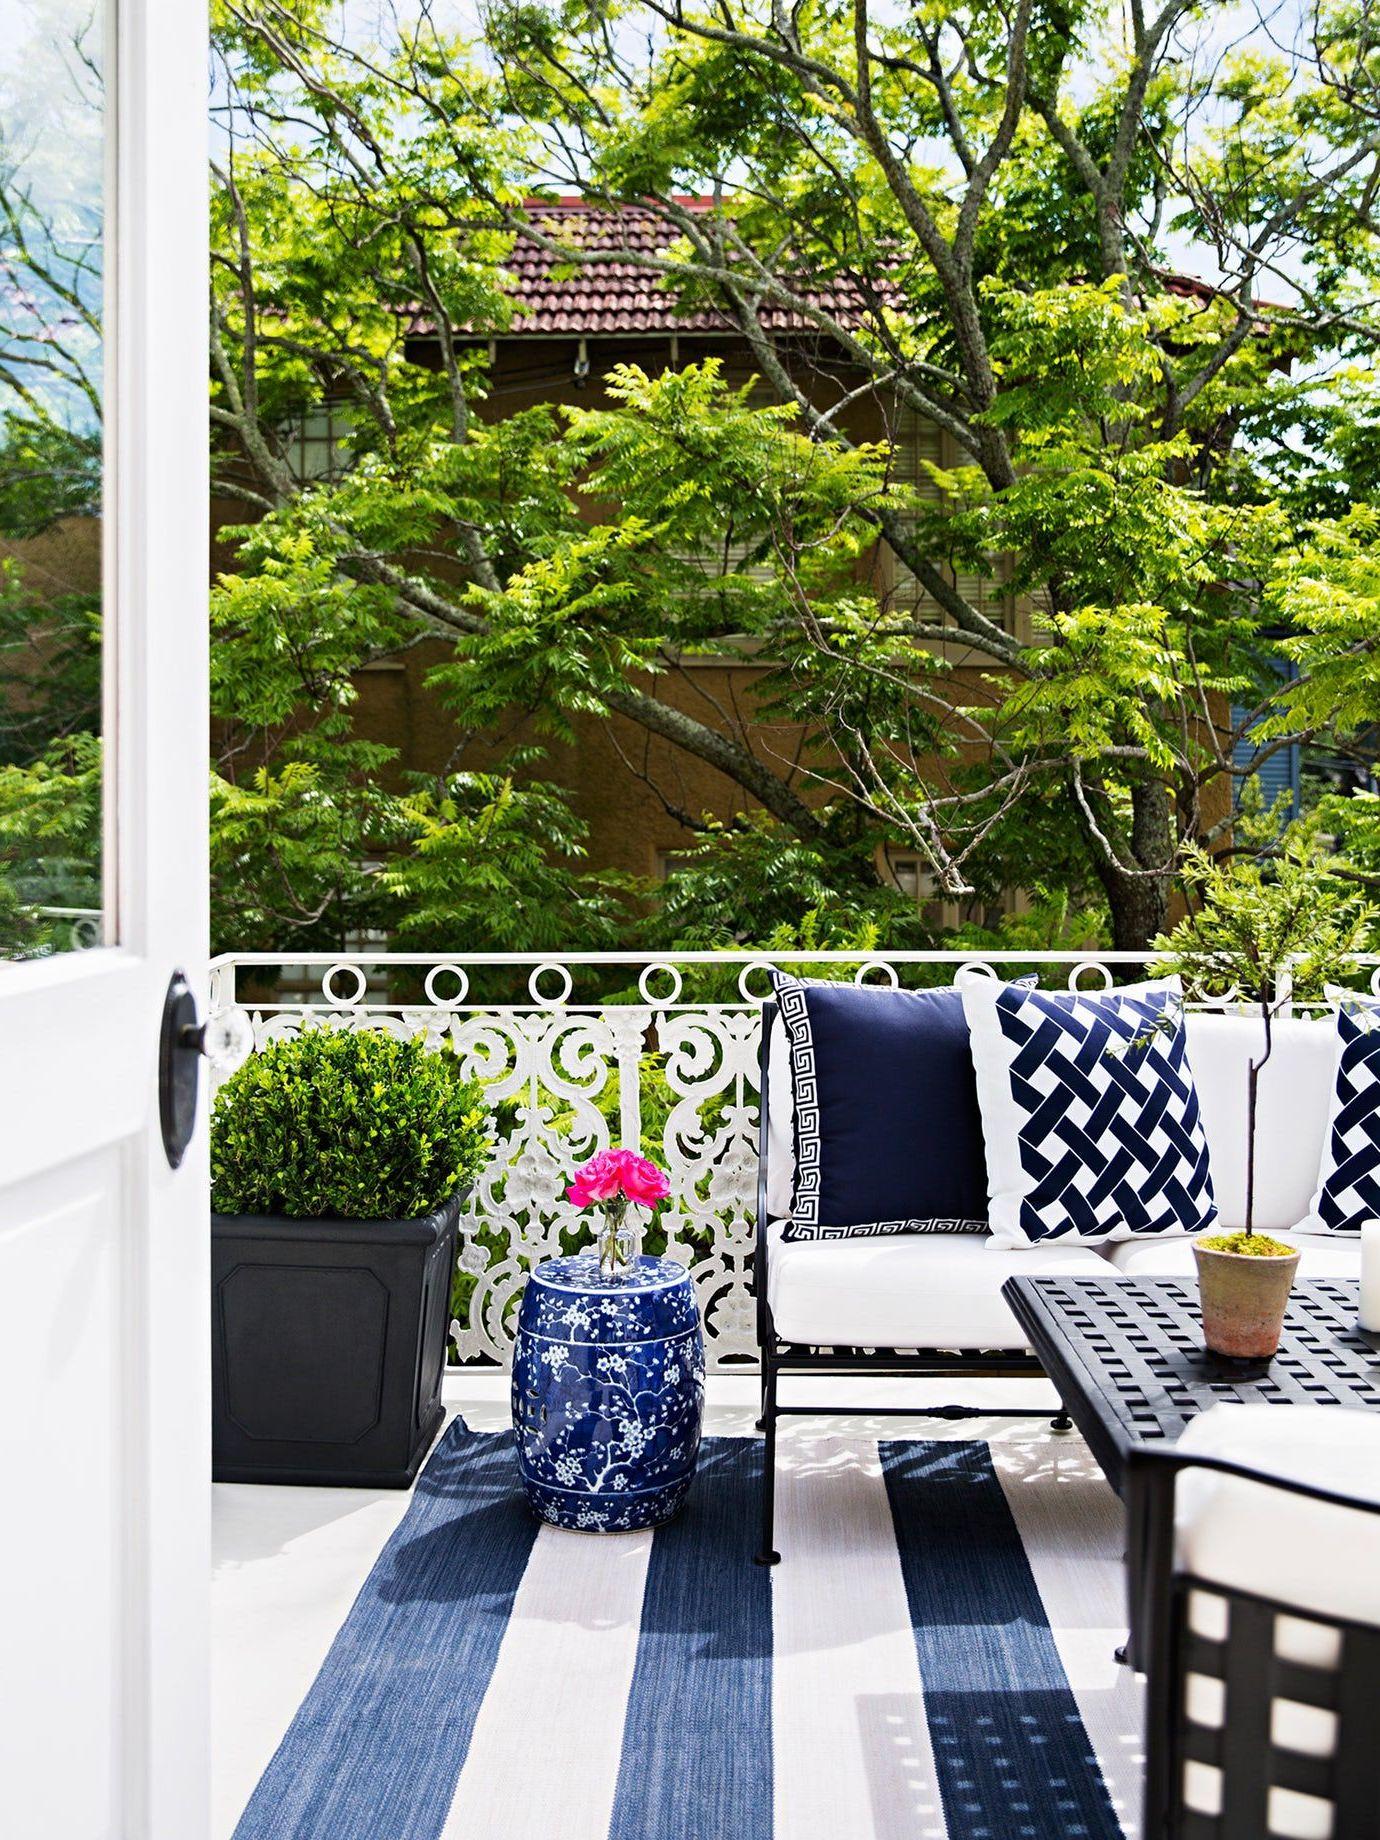 Terrasse gestalten: Muster und Farben